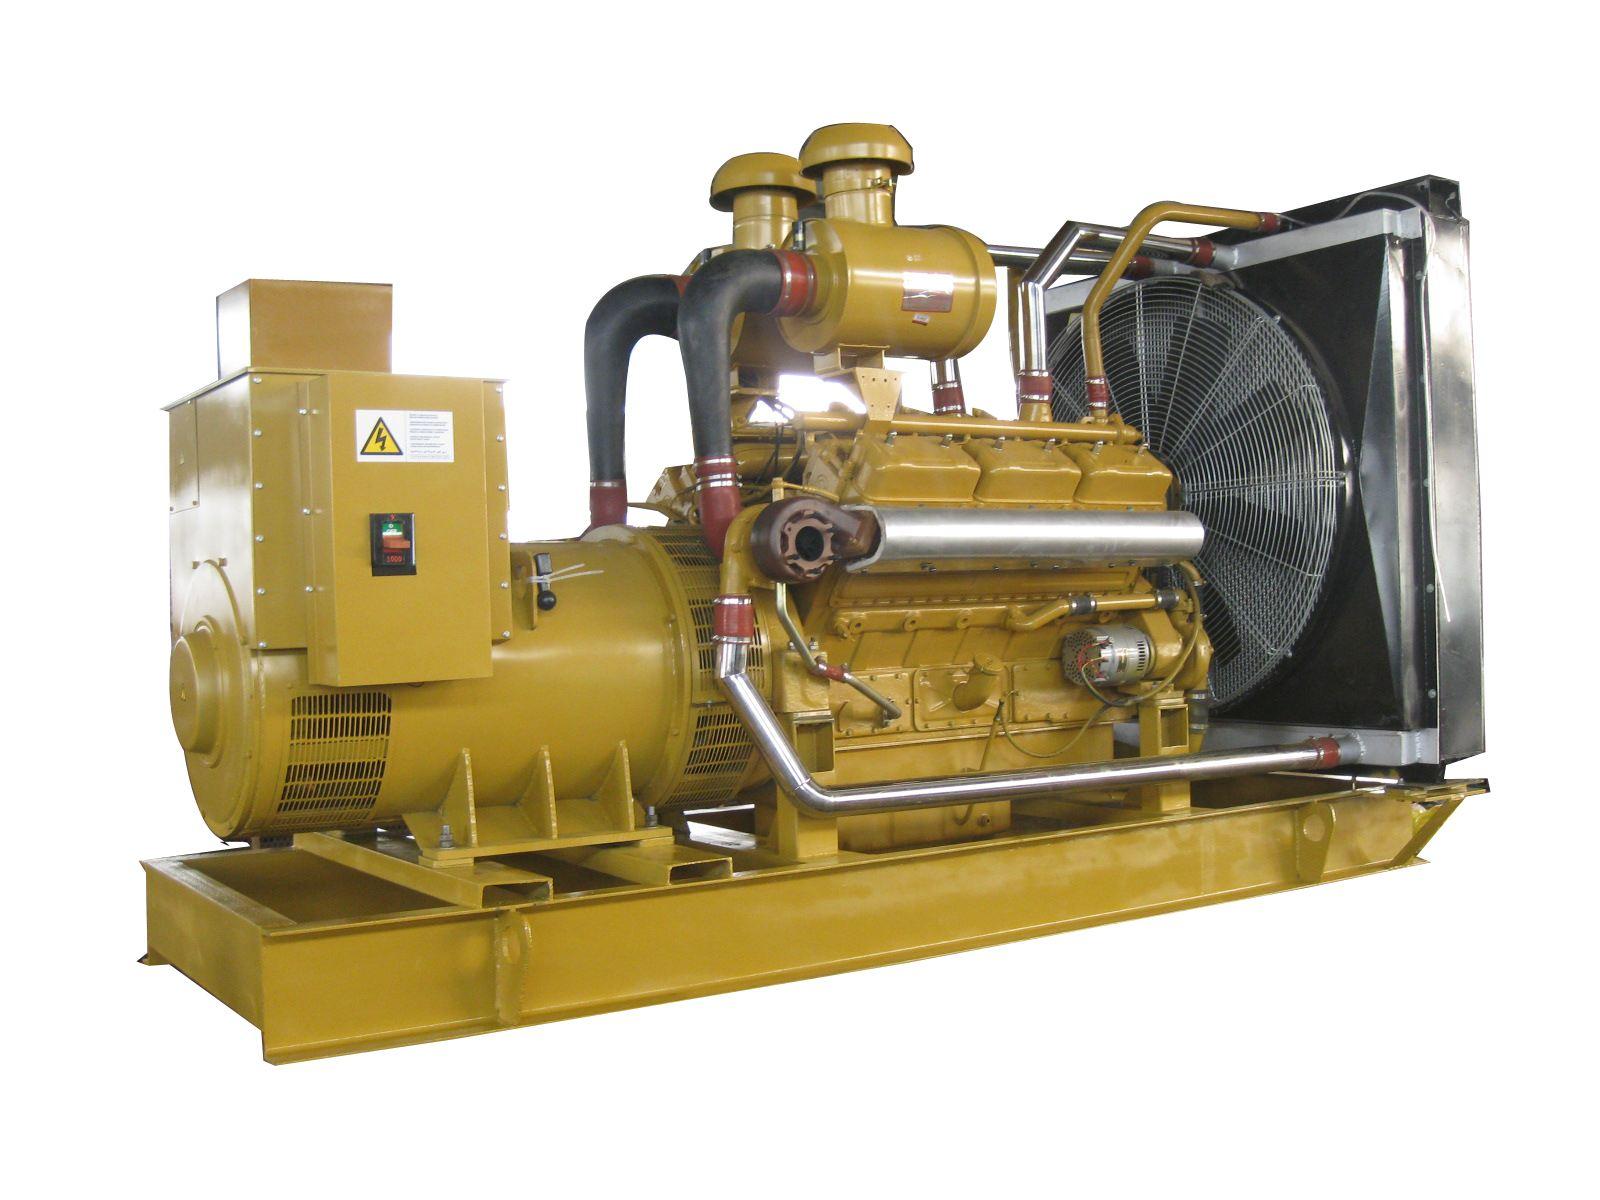 上柴发电机组中灰尘对机组的影响有哪些呢